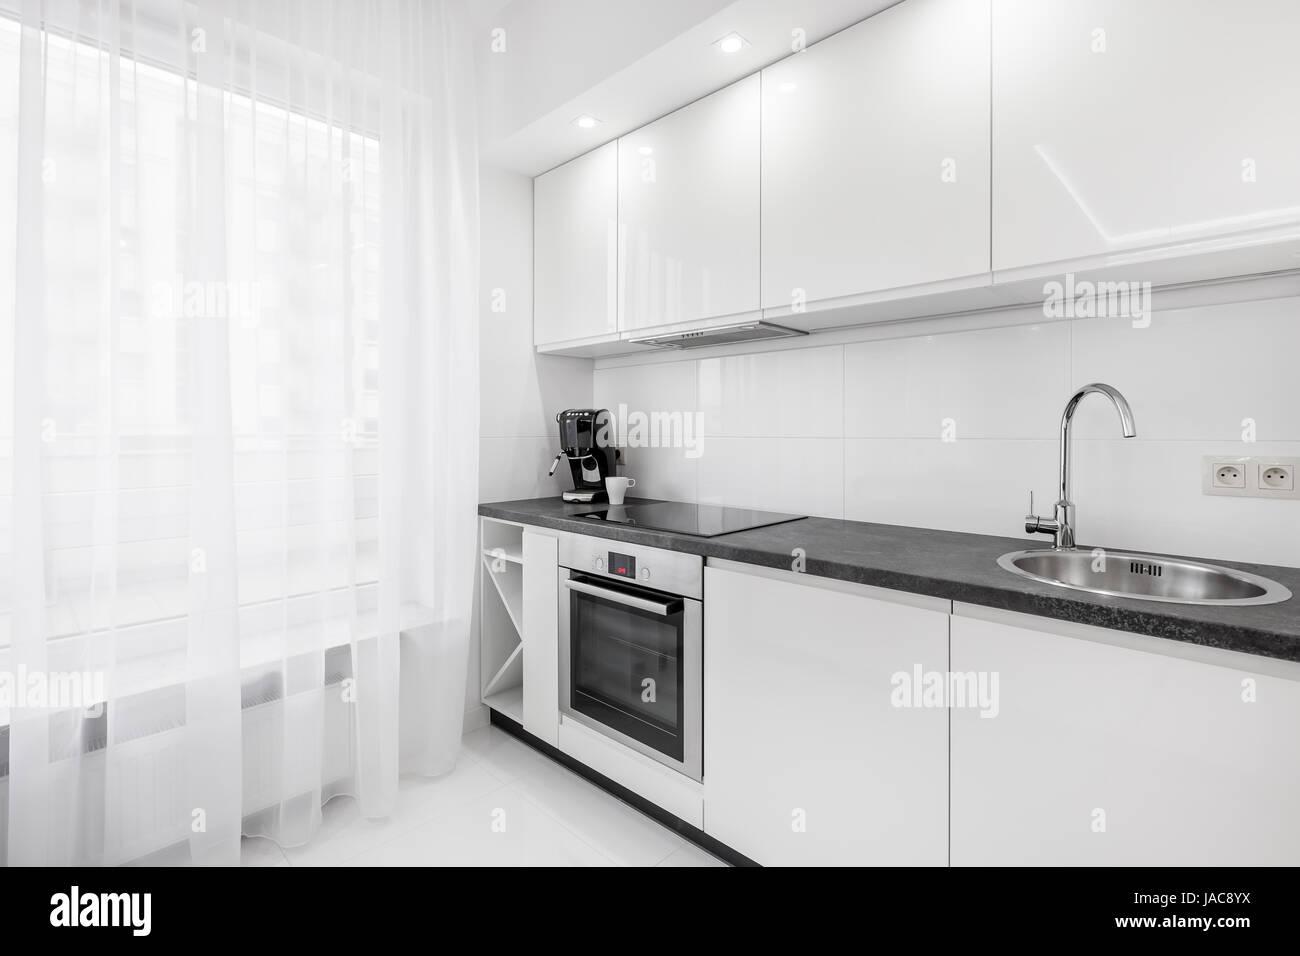 Moderne, weisse Küche mit schwarzen Arbeitsplatte, Spüle, Schränke ...